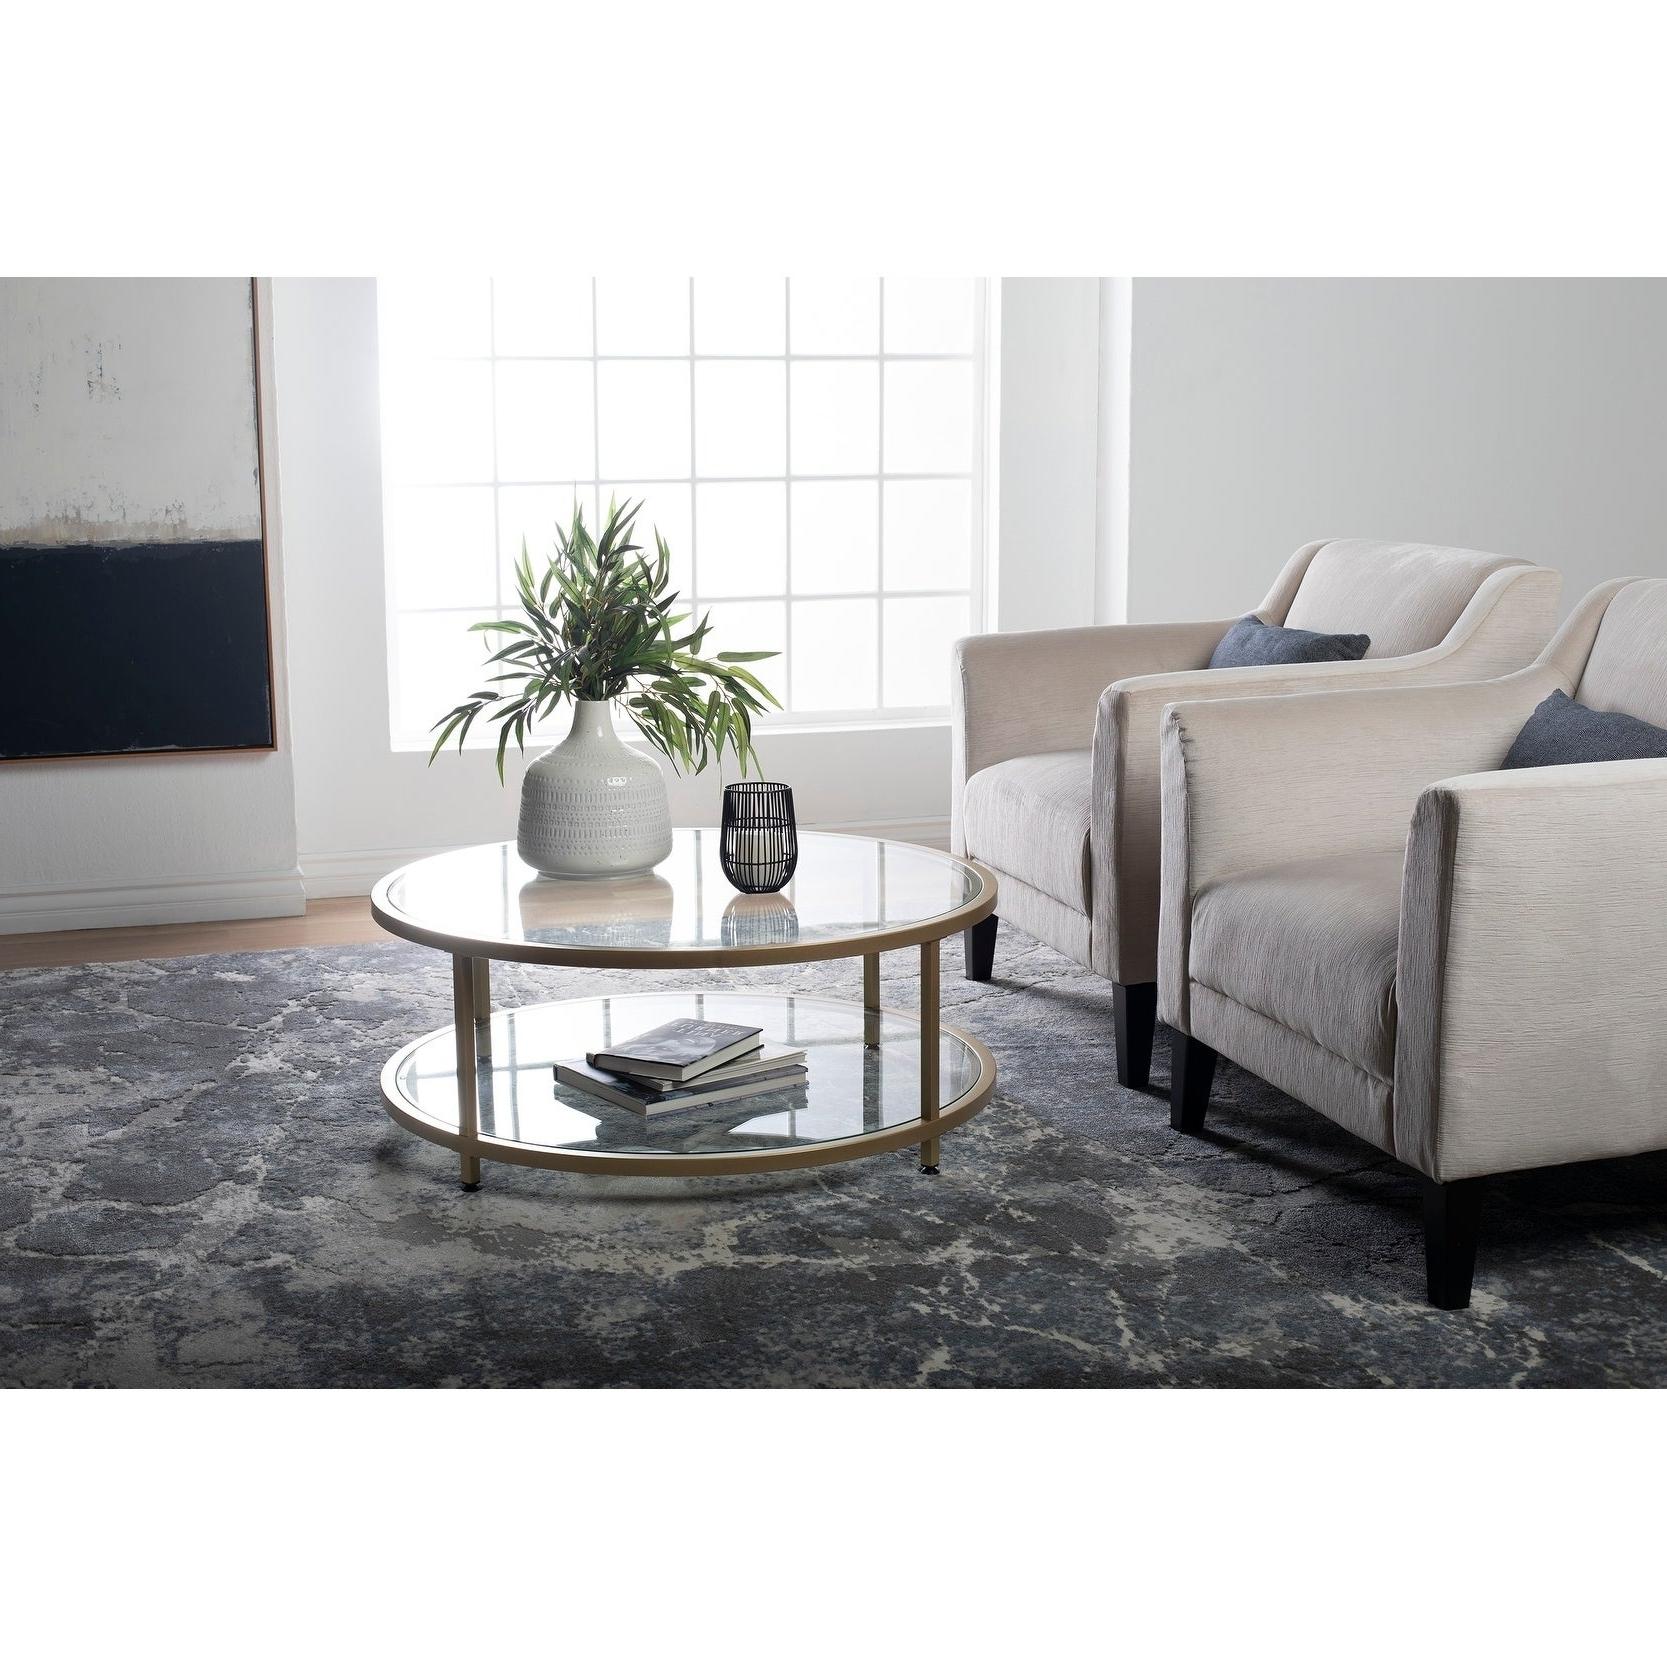 Carbon Loft Heimlich Pewter Steel/glass Round Coffee Table For Well Liked Carbon Loft Heimlich Pewter Steel/glass Round Coffee Tables (View 9 of 20)